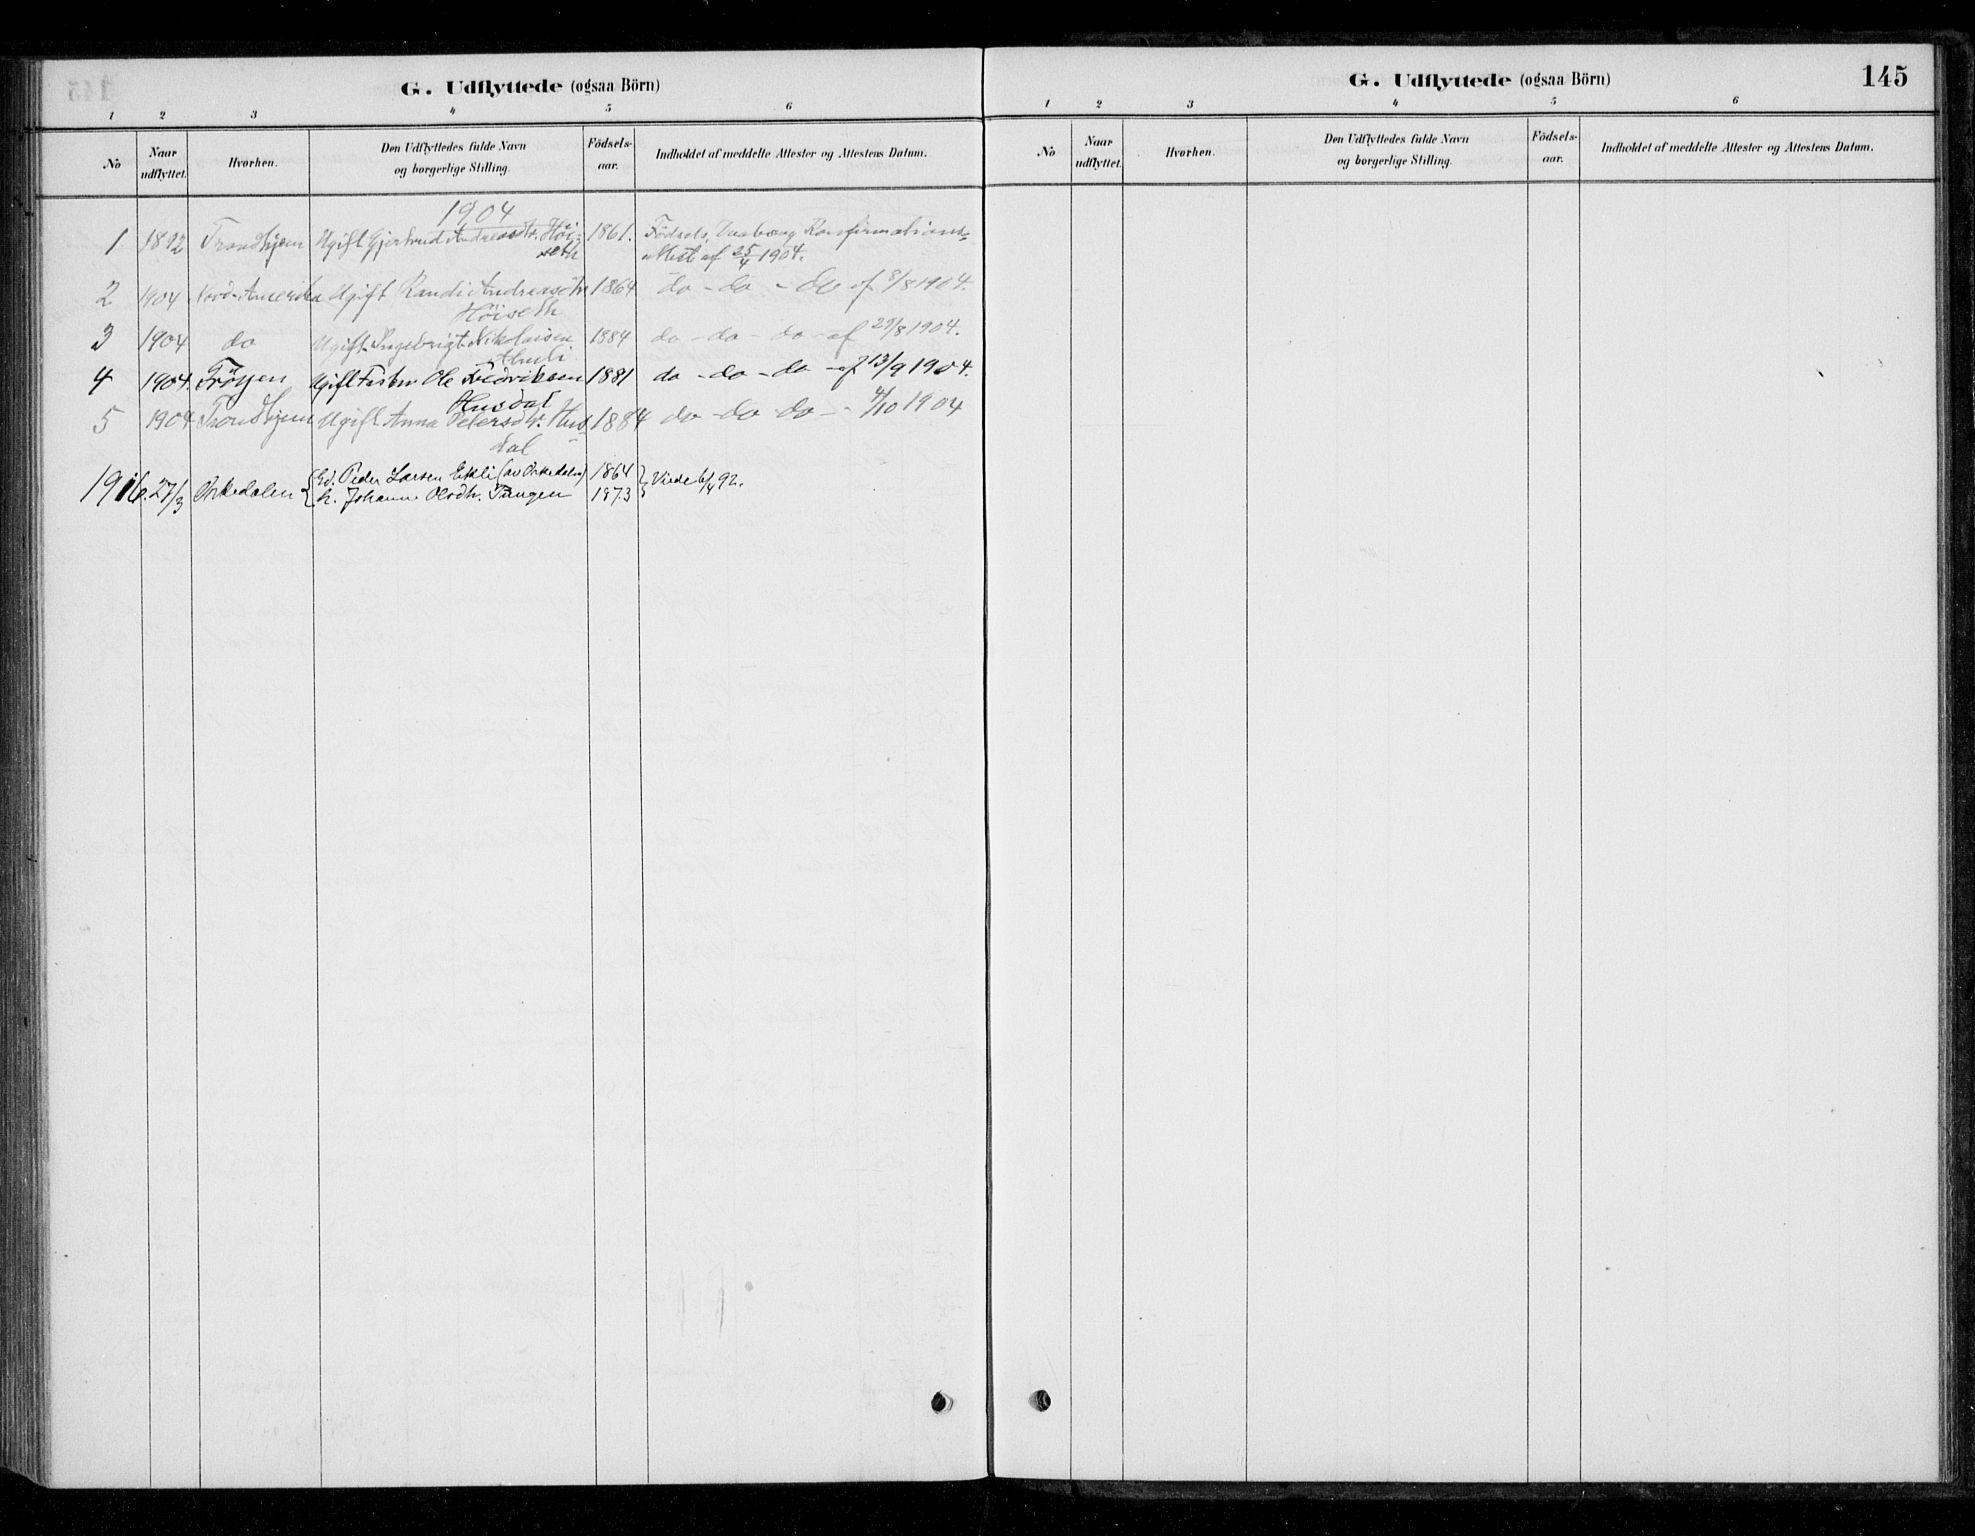 SAT, Ministerialprotokoller, klokkerbøker og fødselsregistre - Sør-Trøndelag, 670/L0836: Ministerialbok nr. 670A01, 1879-1904, s. 145